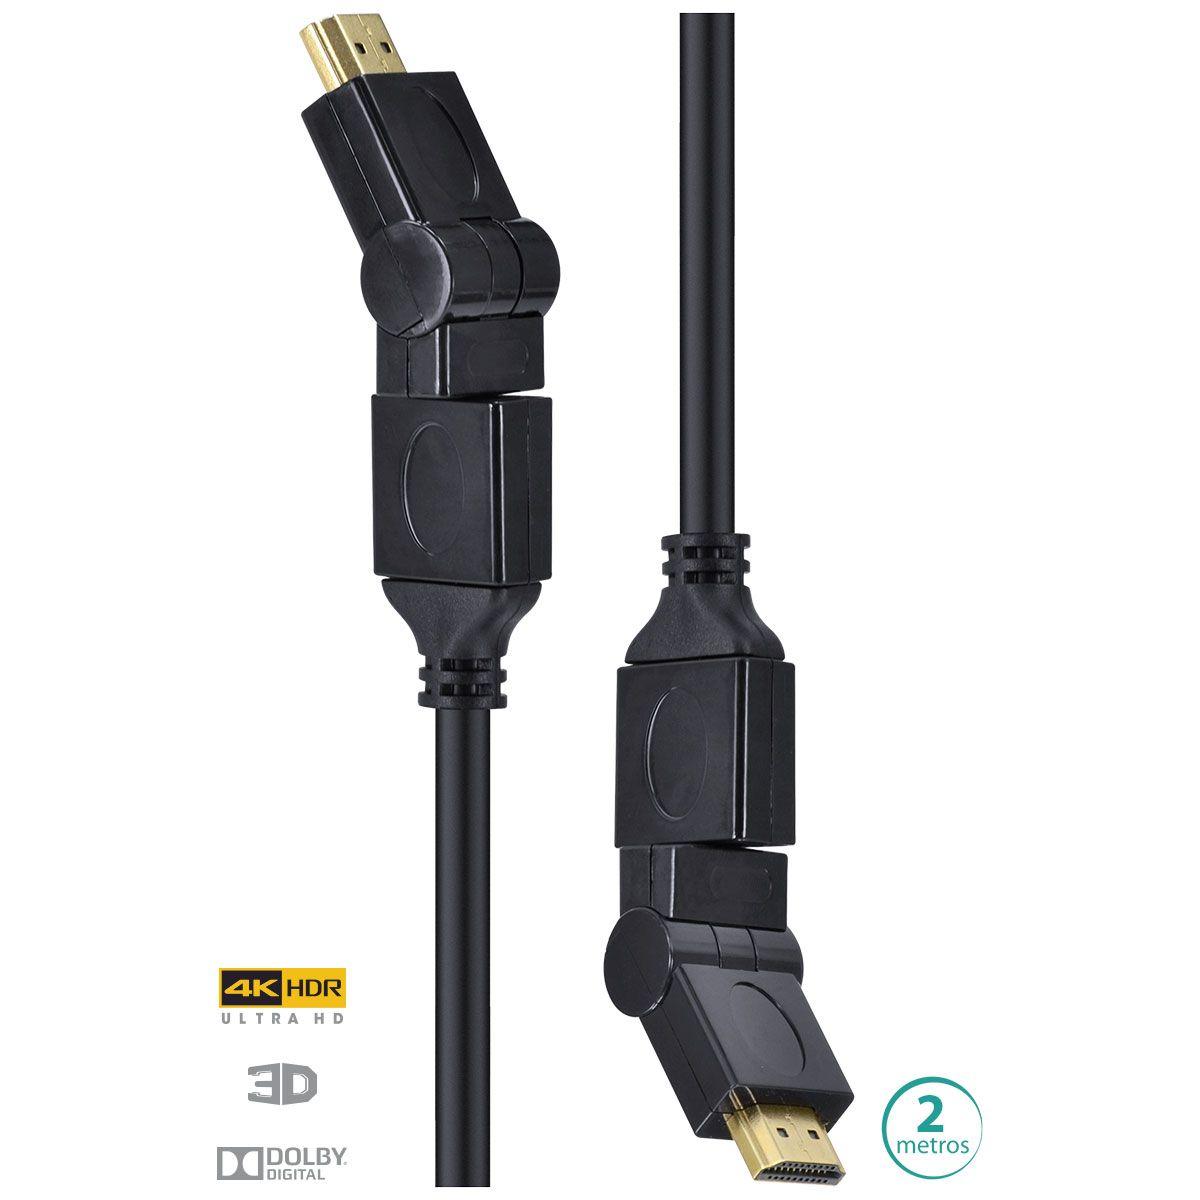 CABO HDMI 2.0 4K ULTRA HD 3D CONEXÃO ETHERNET CONECTORES 360° 2 METROS - H20B360-2